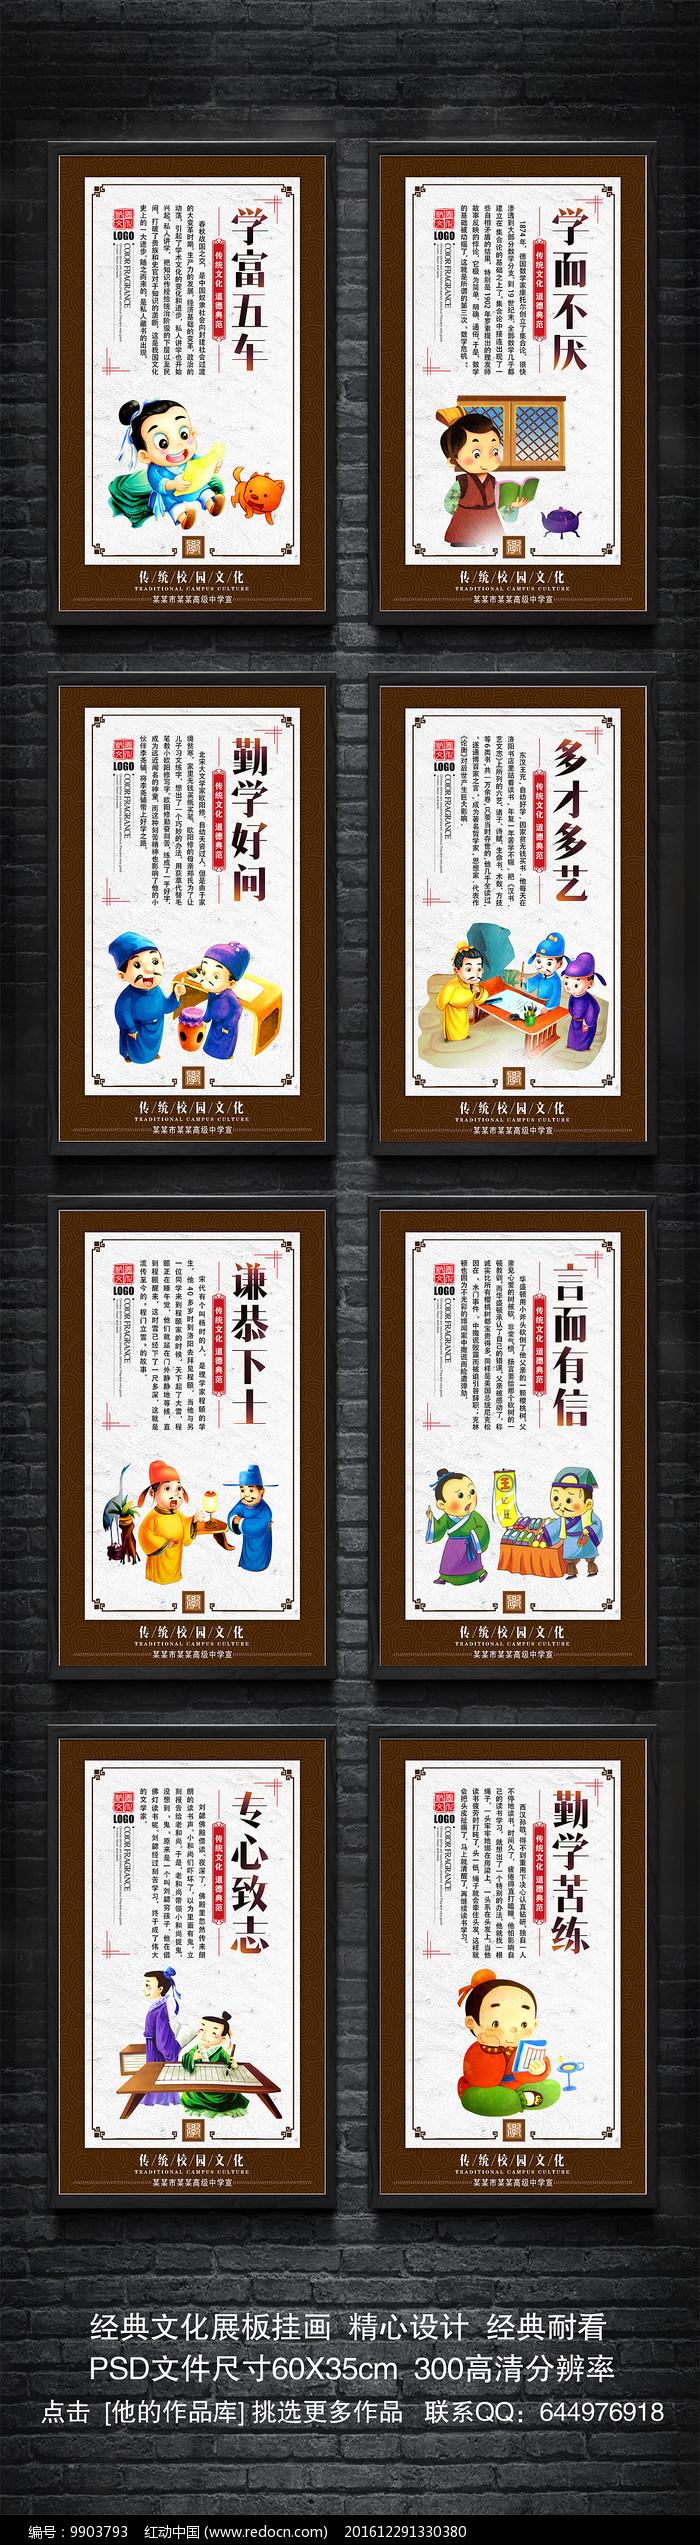 整套传统国学校园文化展板挂画图片